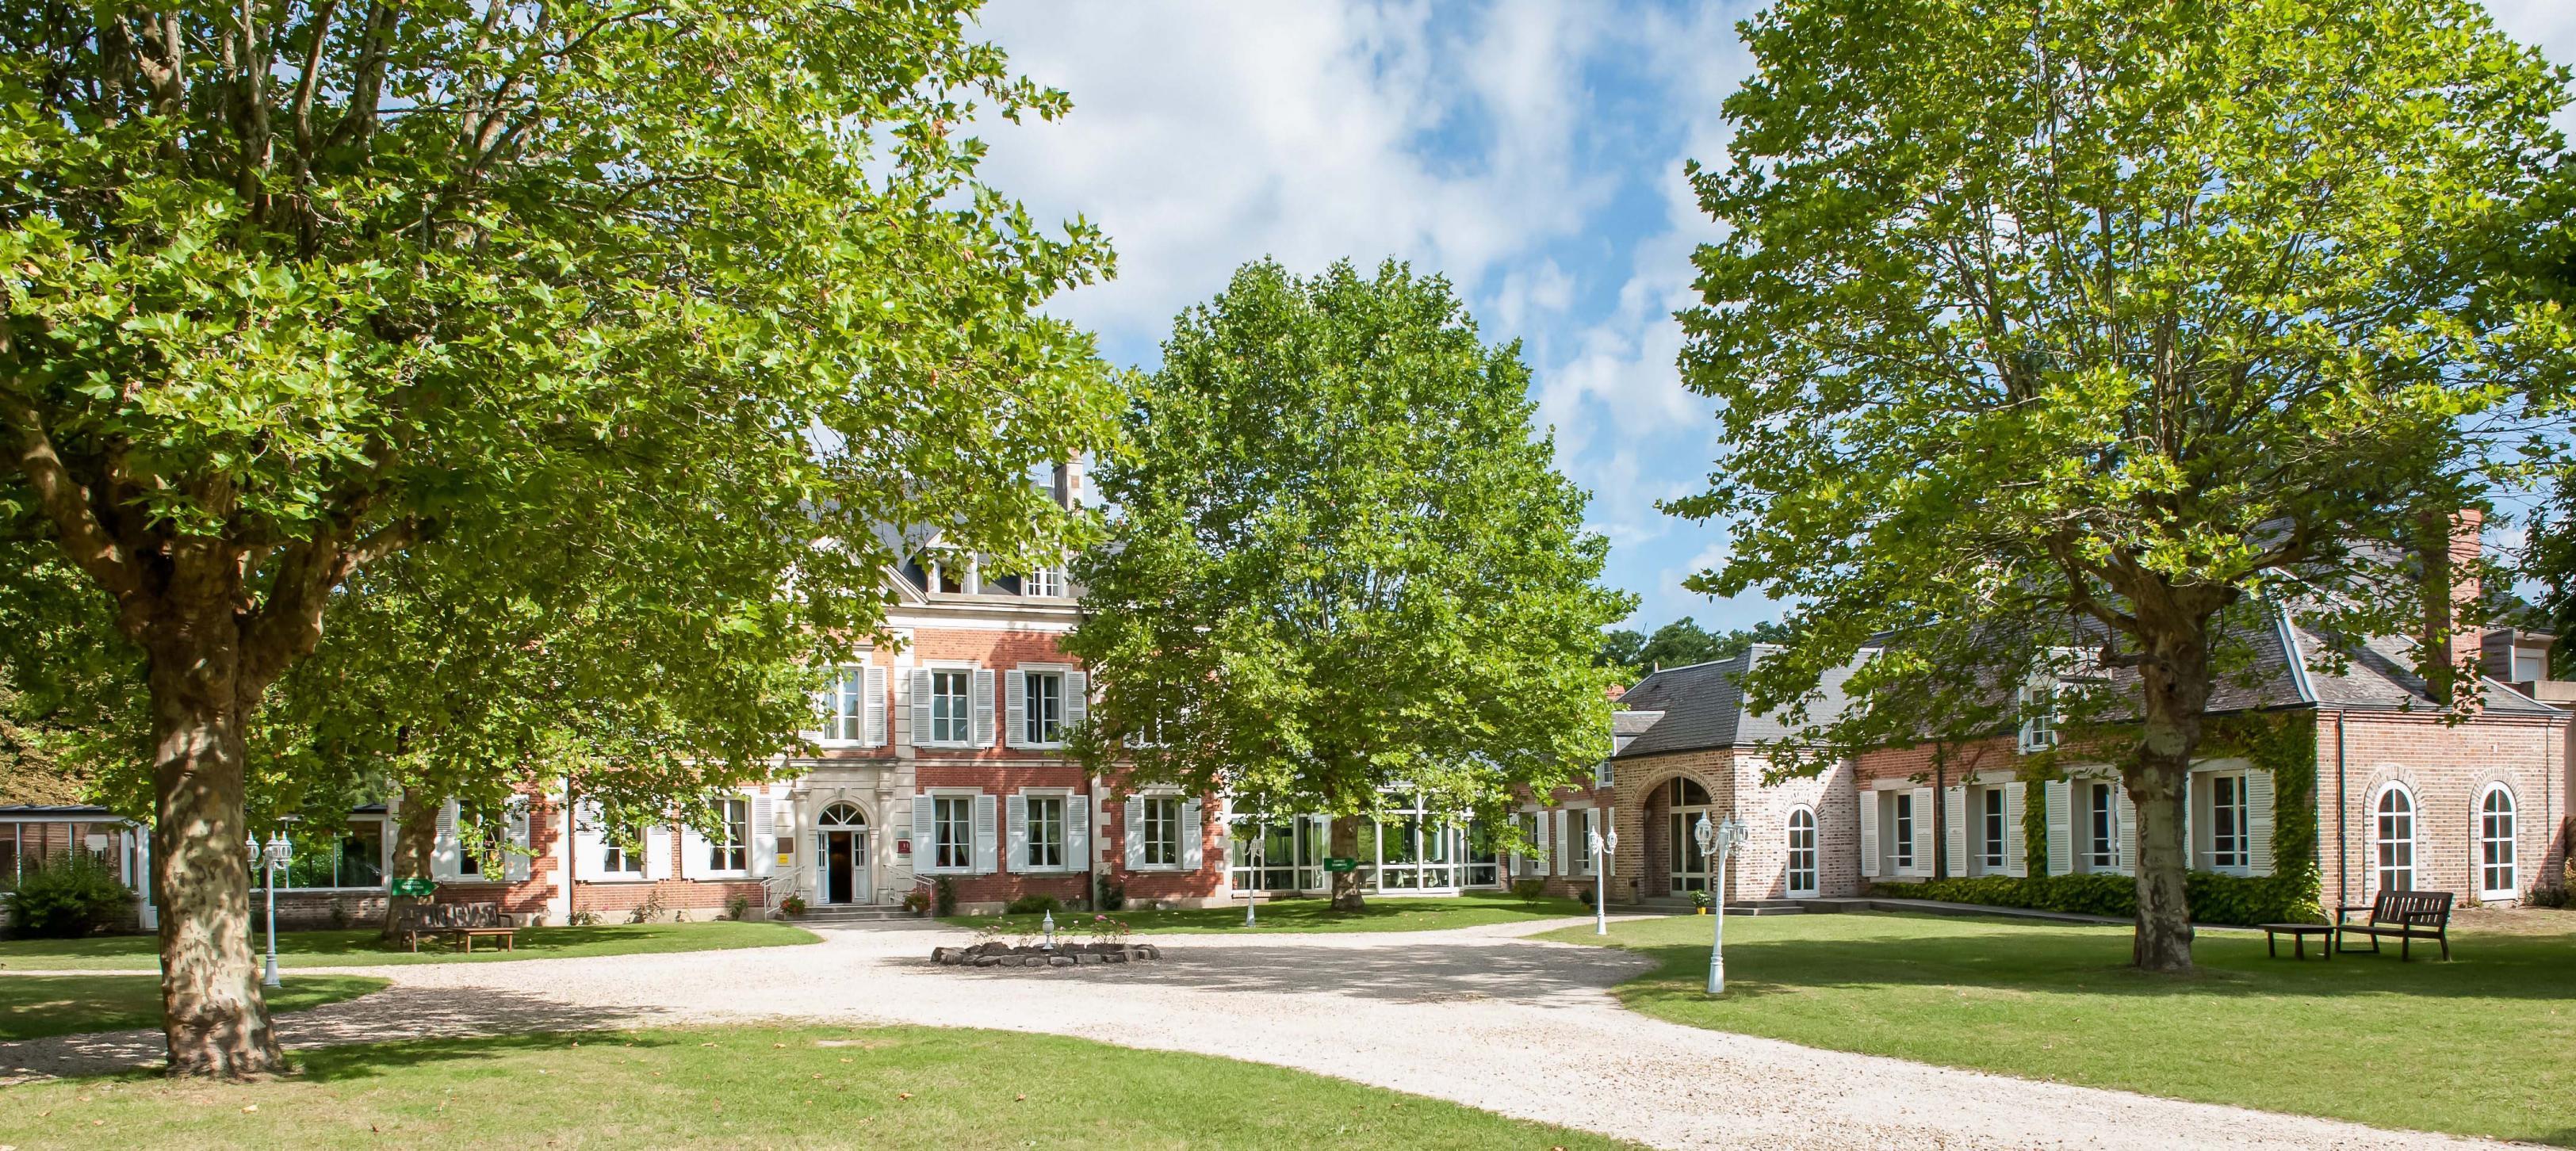 Salbris, en plein cœur de la Sologne et du Val de Loire